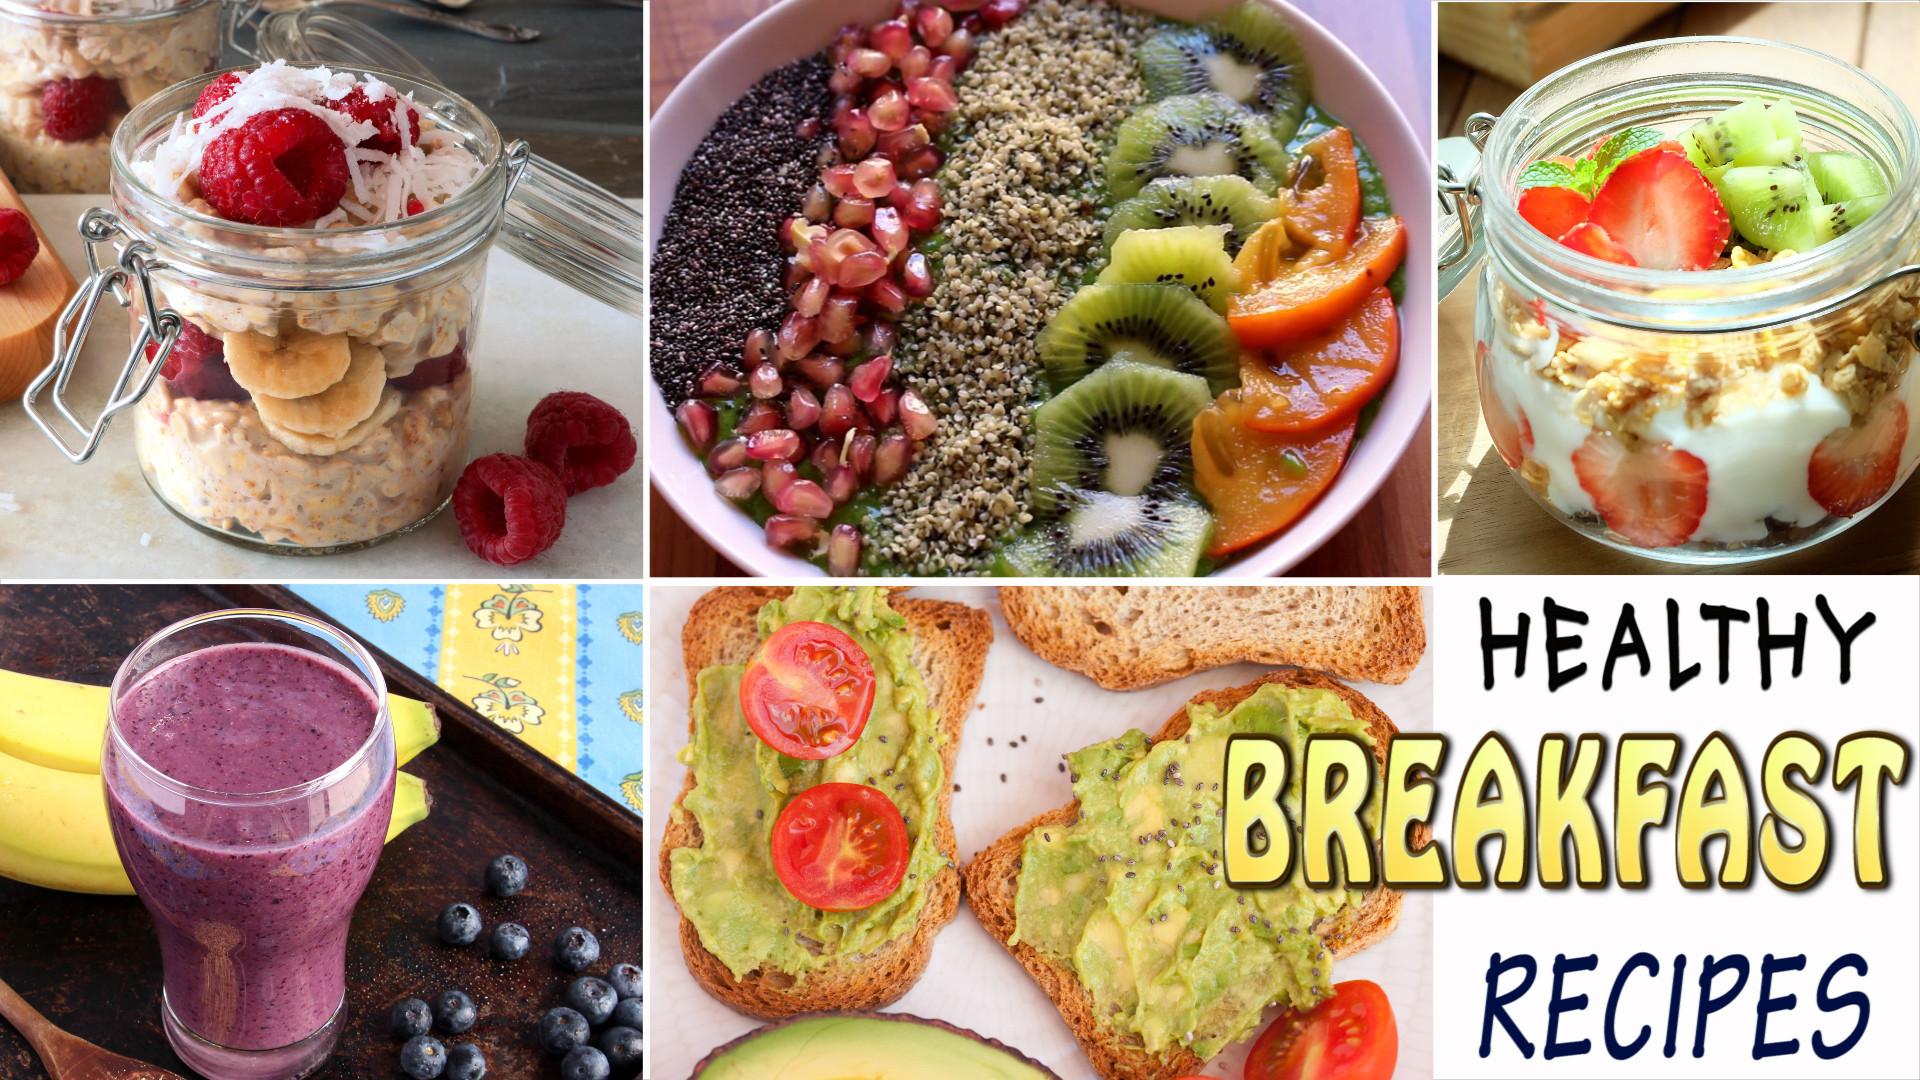 Healthy Vegetarian Breakfast  My 8 Favorite Healthy Vegan Breakfast Recipes